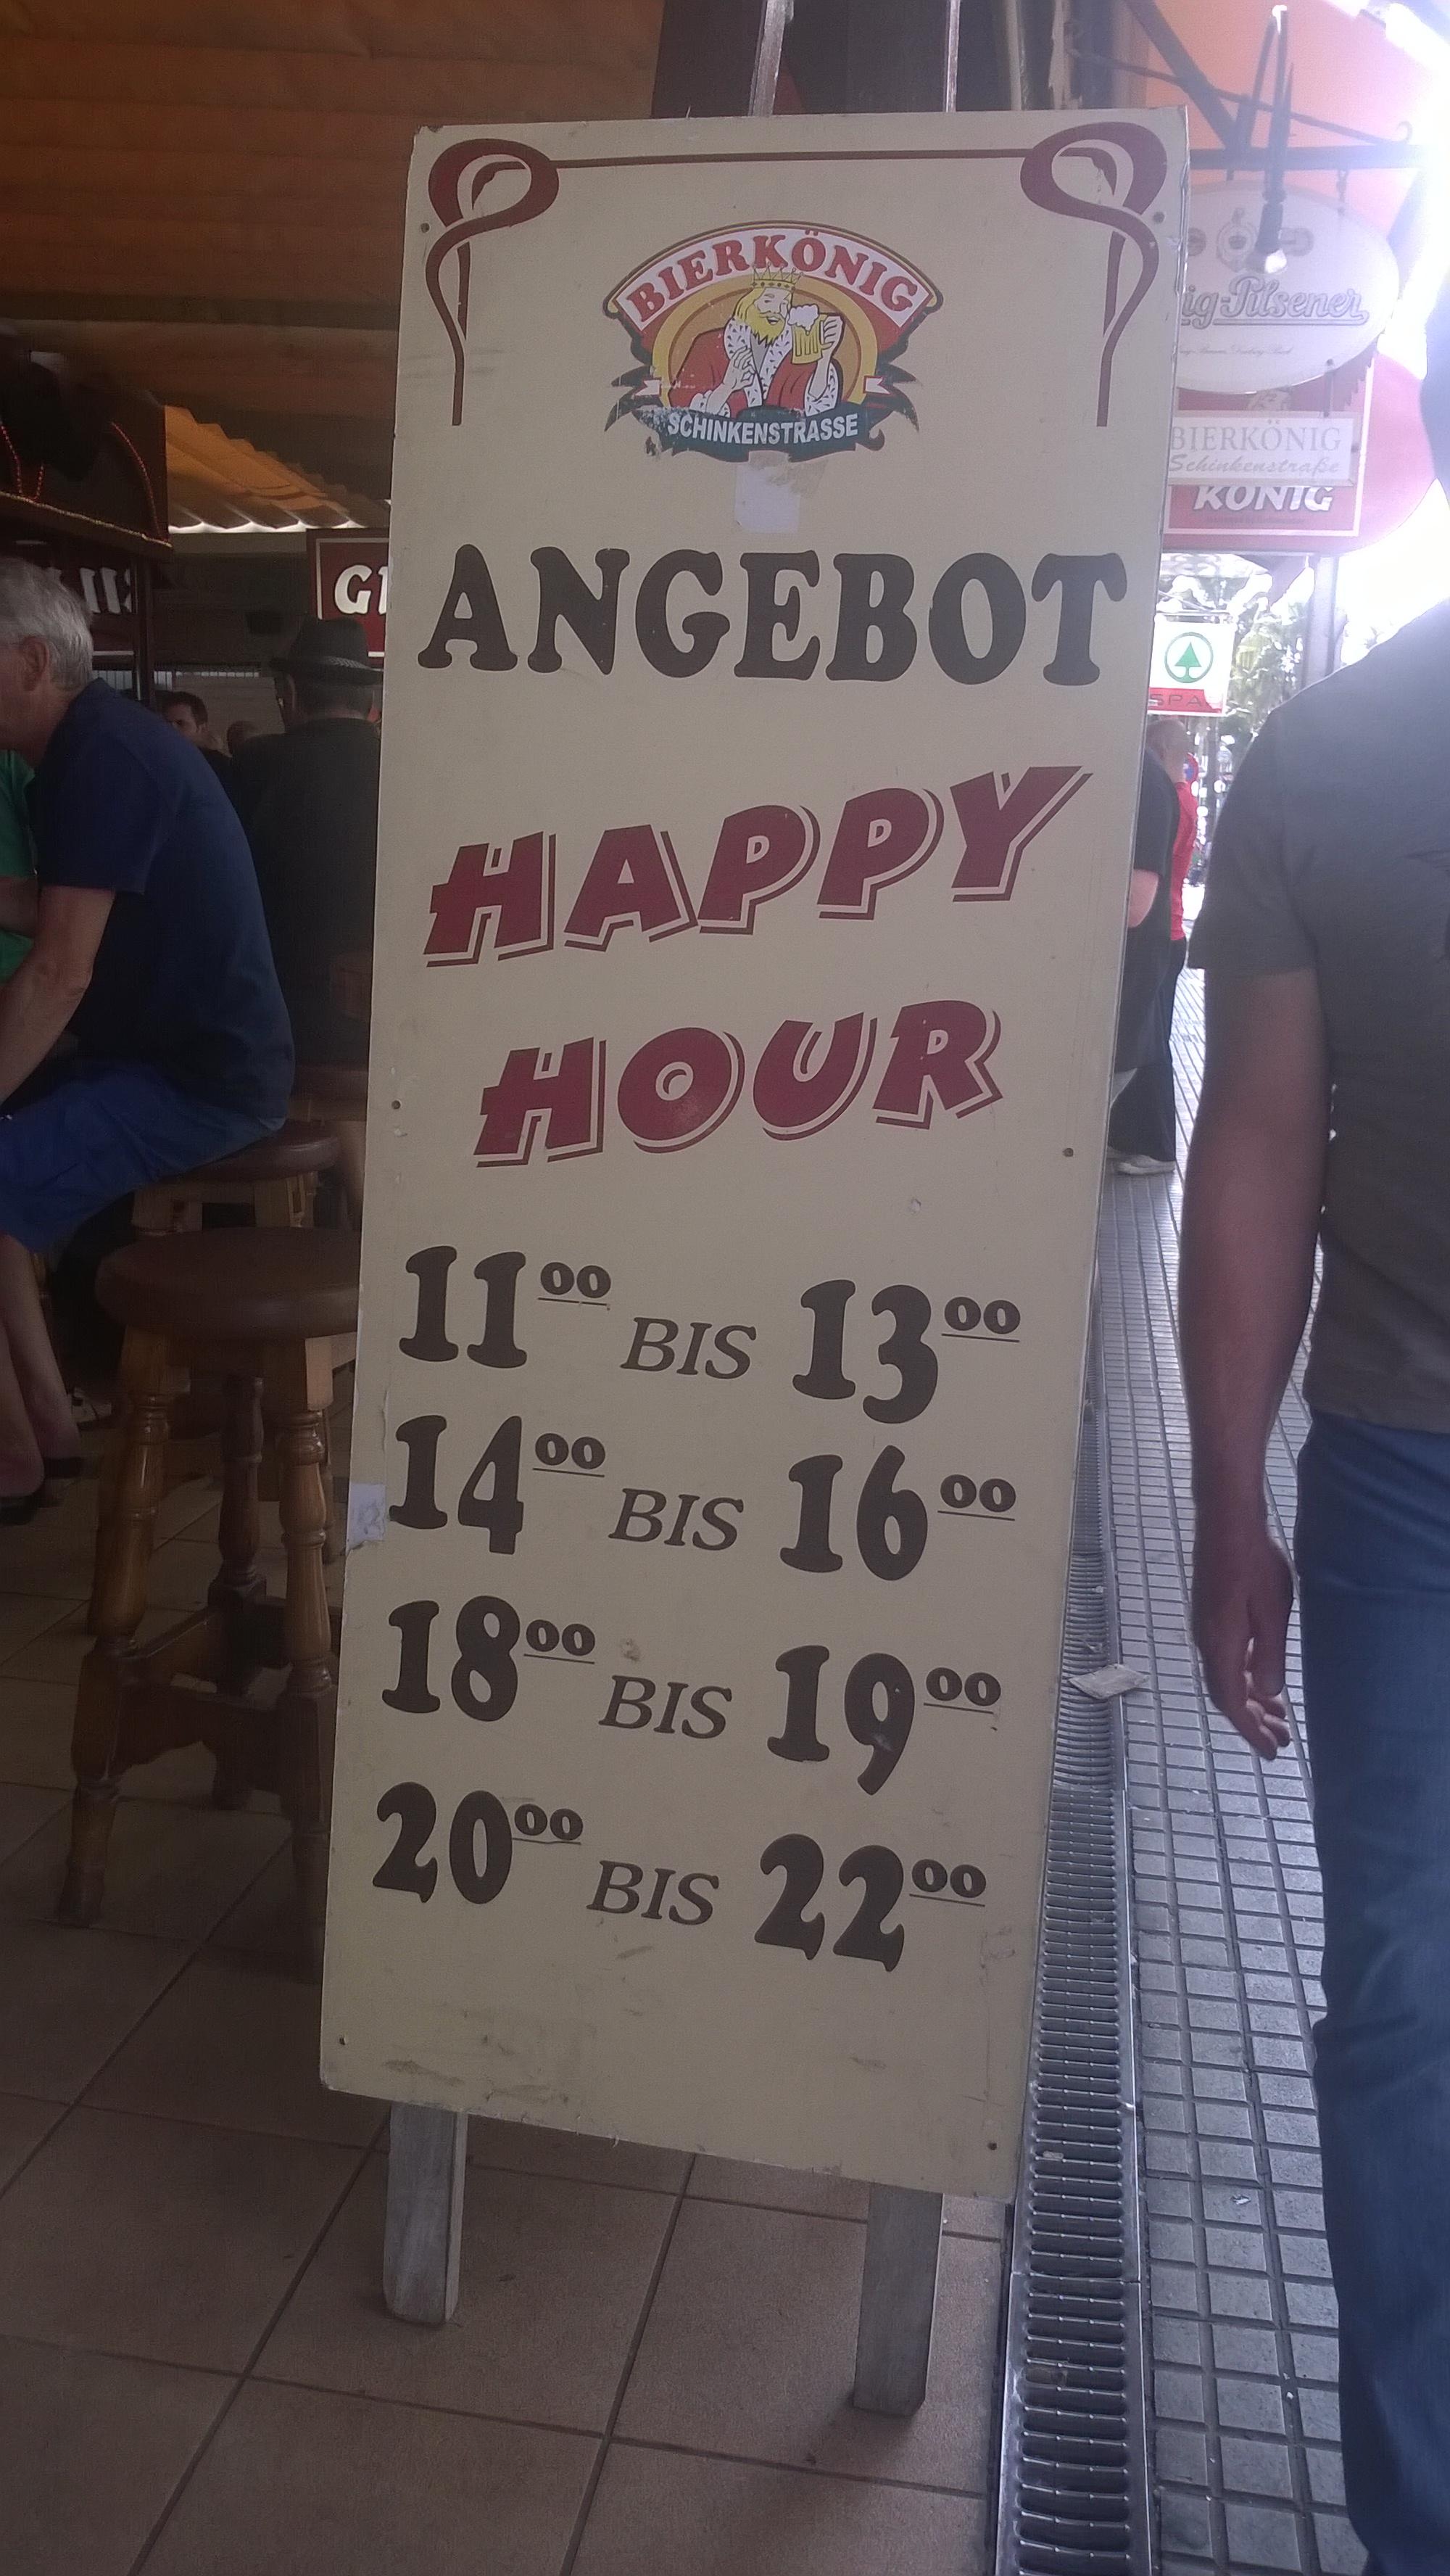 Happy Hour Angebote im Bierkönig am Ballermann